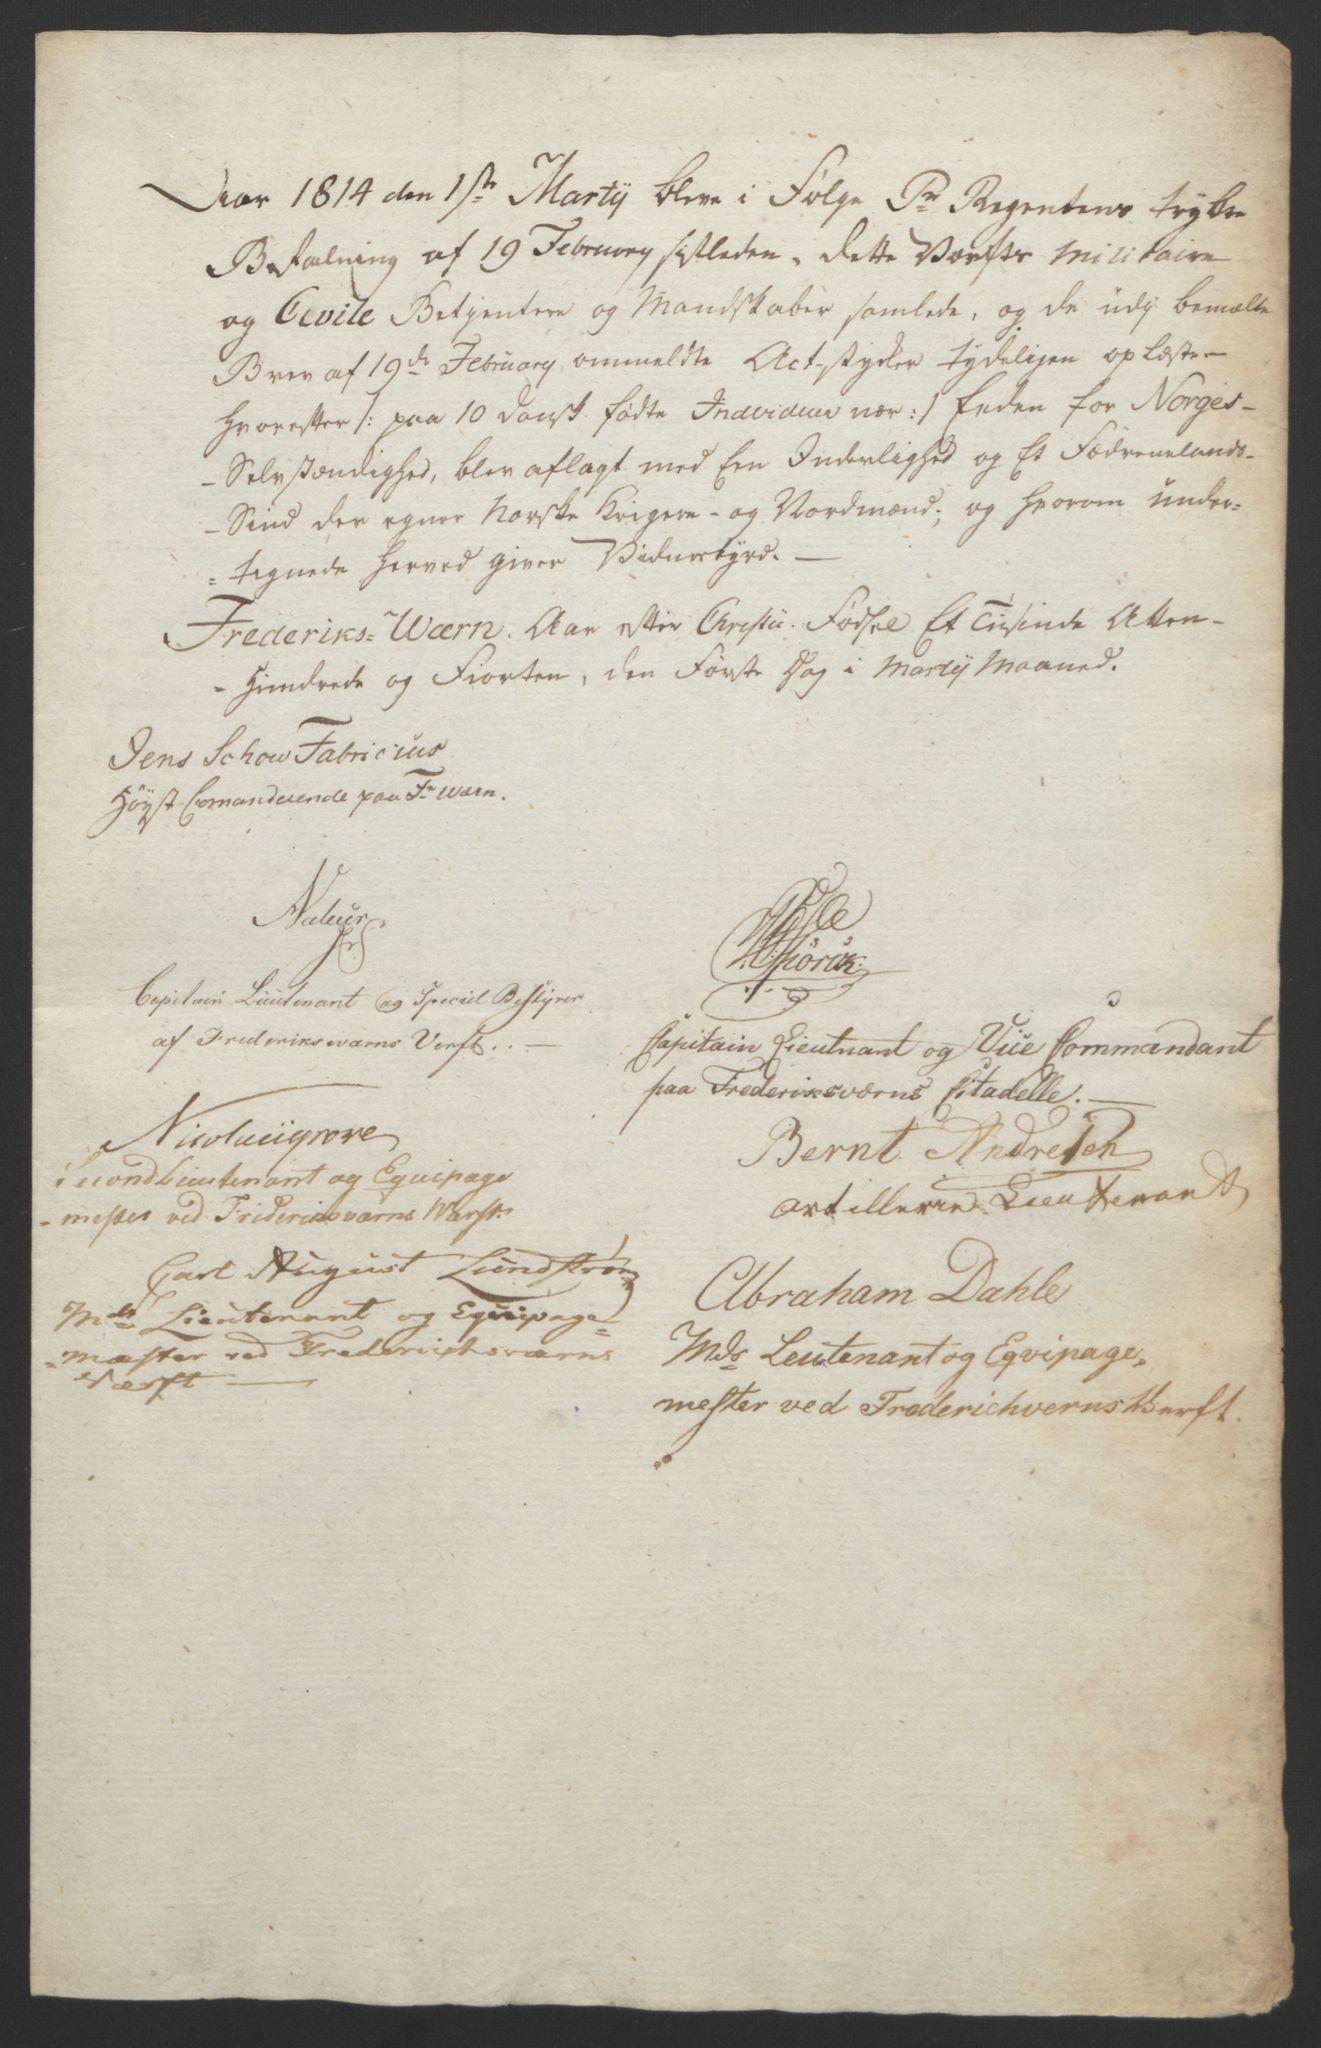 RA, Statsrådssekretariatet, D/Db/L0007: Fullmakter for Eidsvollsrepresentantene i 1814. , 1814, s. 130